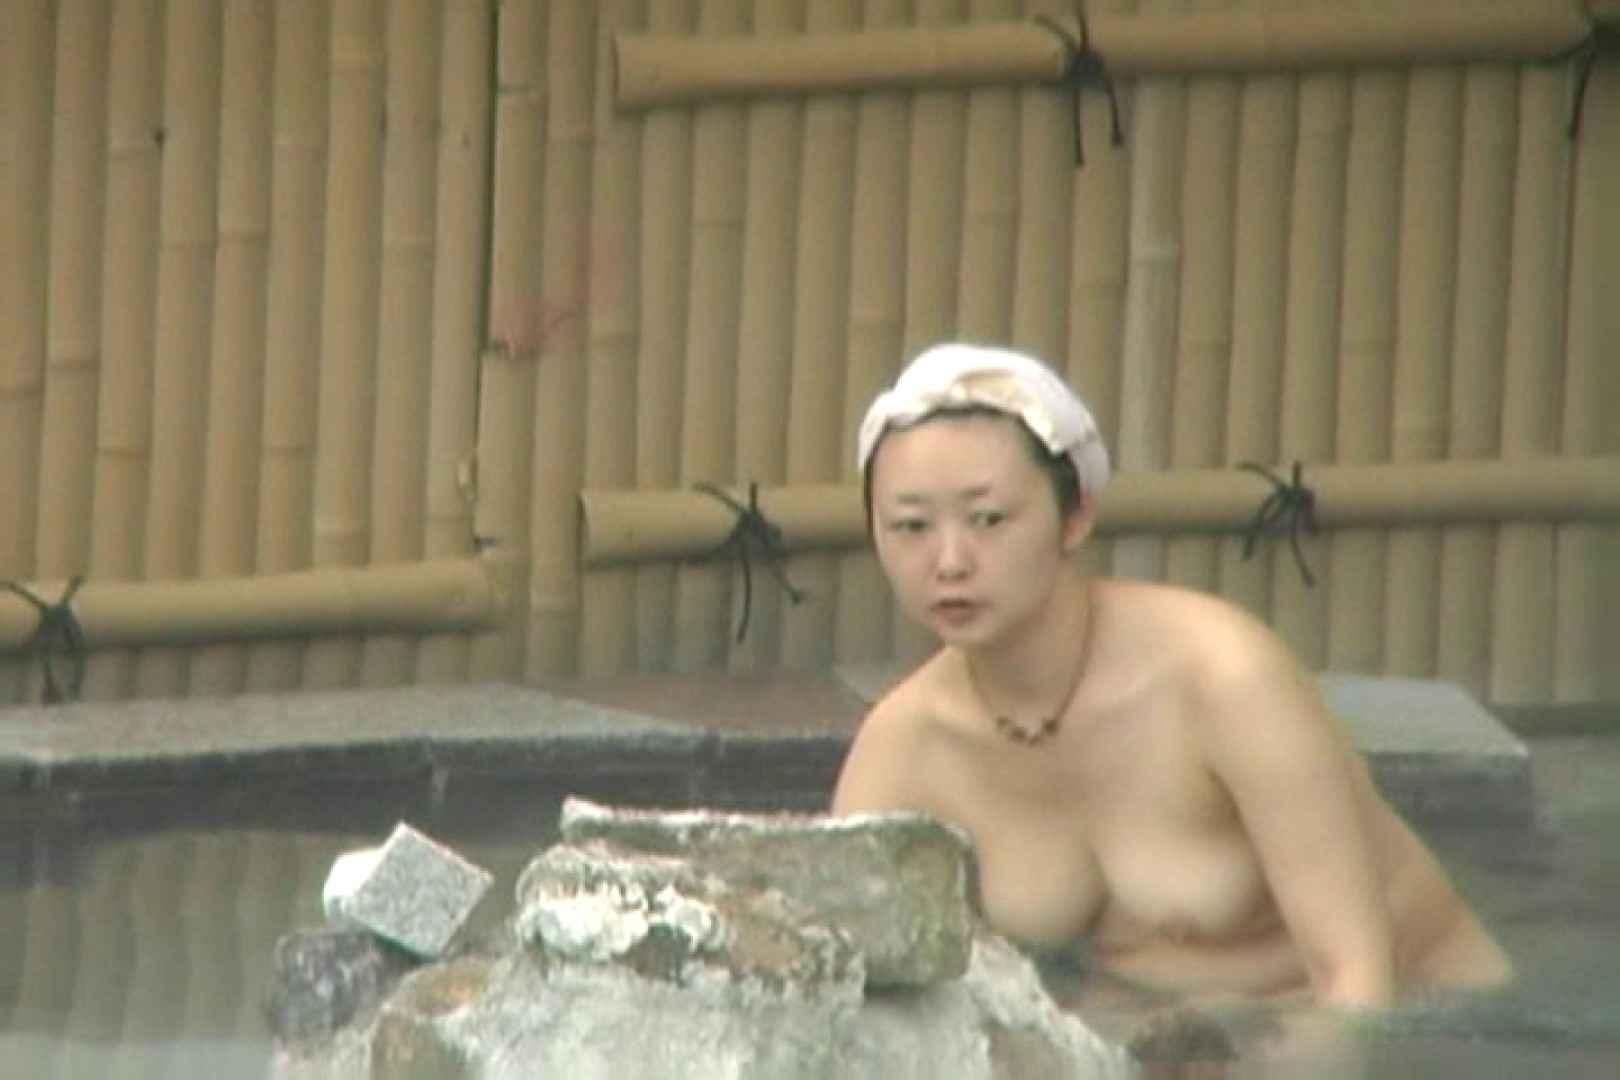 Aquaな露天風呂Vol.564 美しいOLの裸体   盗撮師作品  100pic 1